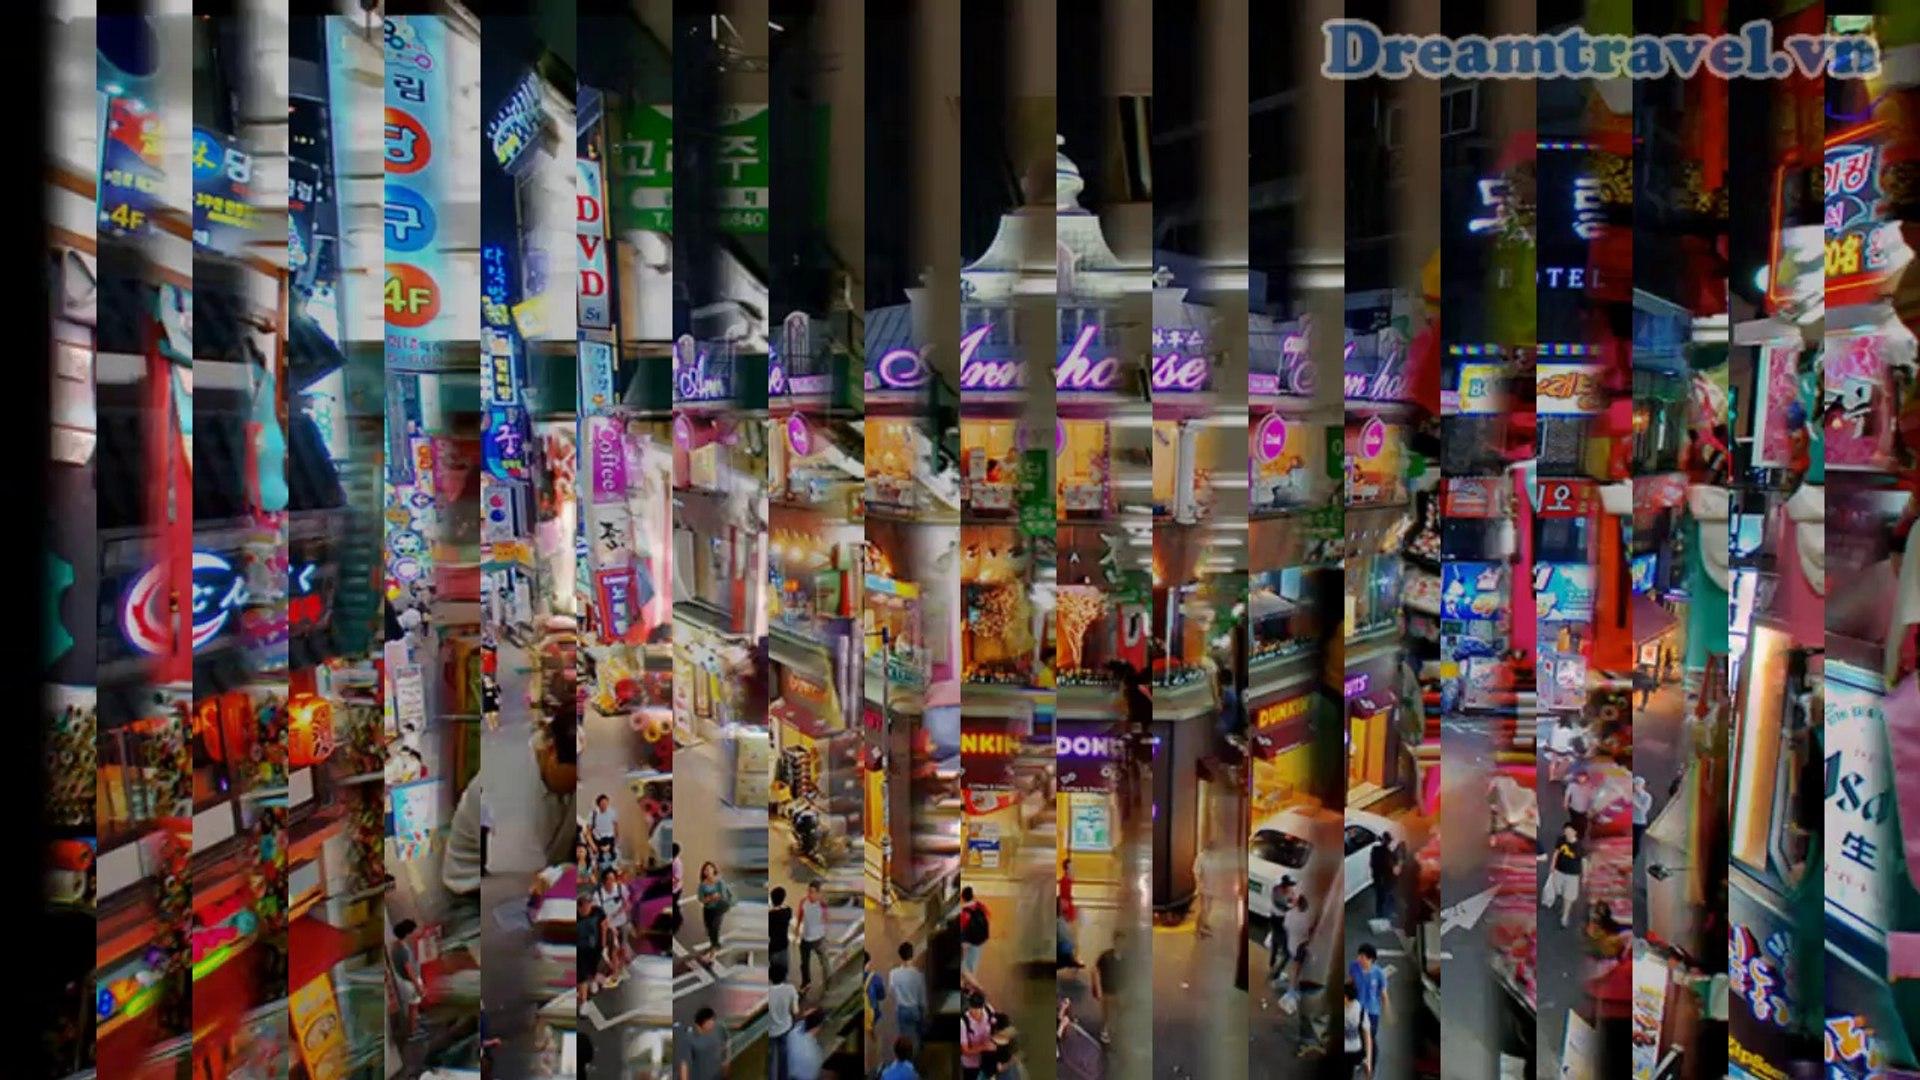 [Dreamtravel.vn] Du lịch Hàn Quốc,Du lịch Hàn Quốc tết nguyên đán,Kinh nghiệm du lịch Hàn Quốc